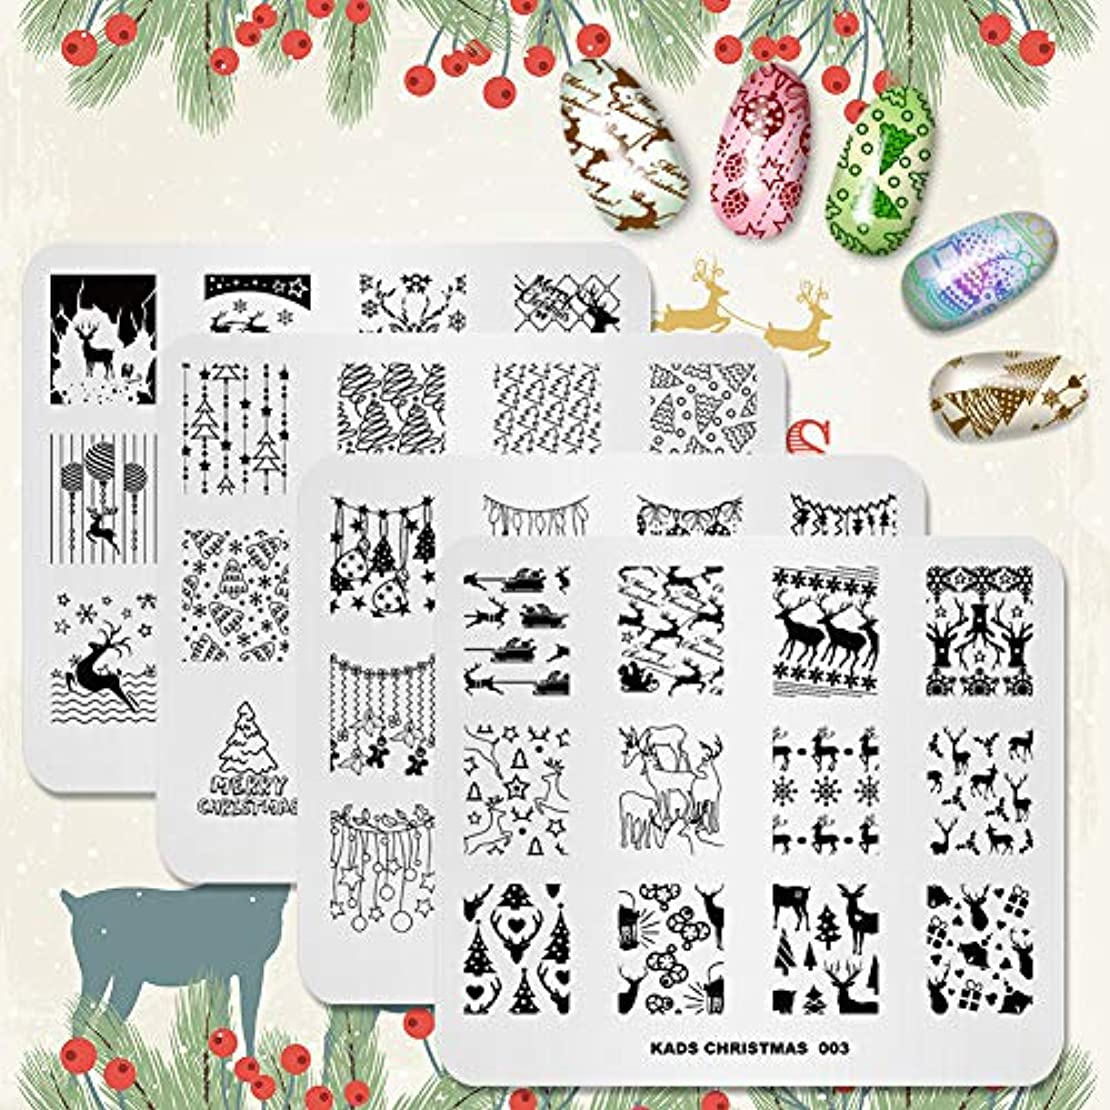 世論調査億シールKADS クリスマスネイルアートスタンピングプレート4枚セット 福袋/クリスマスツリー/鹿 ネイルイメージプレート ネイルアート用品道具 (セット5)